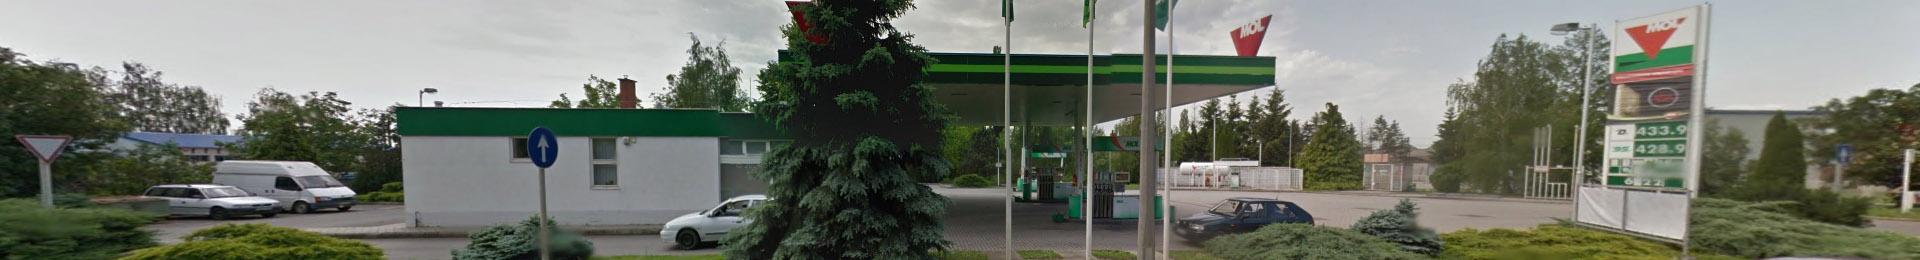 Szigetvári MOL benzinkút